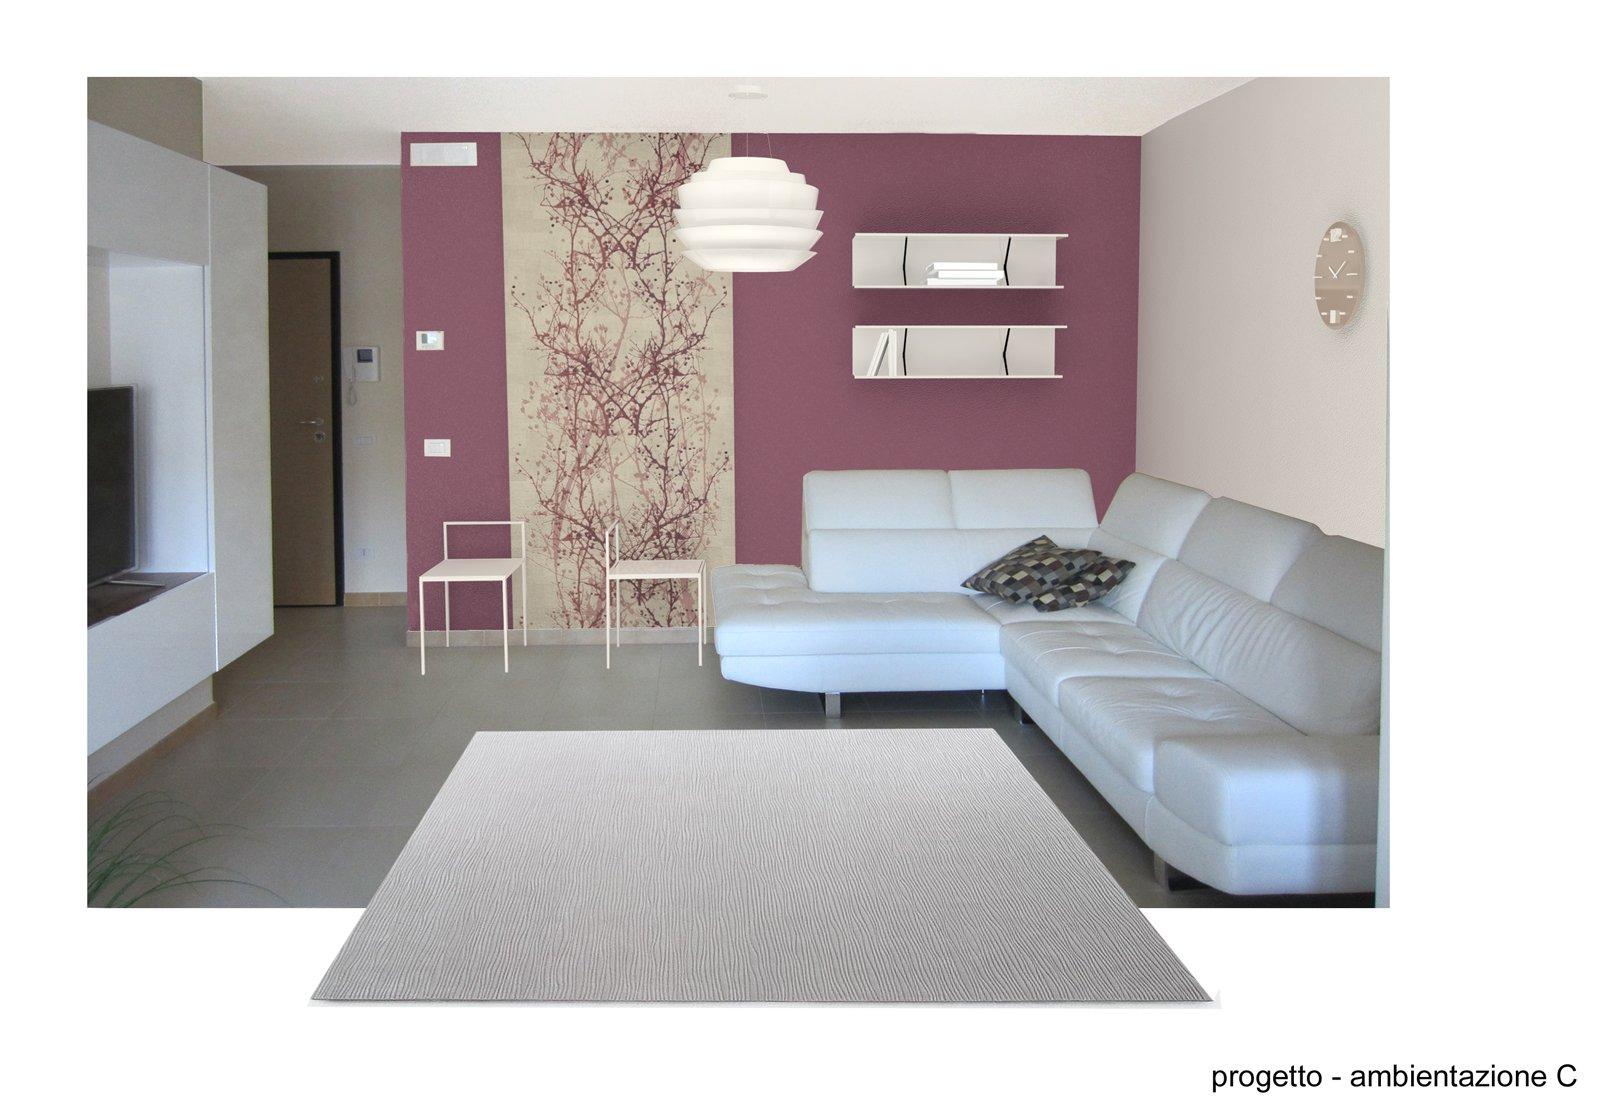 Abbinamento colori soggiorno cucina idee per il design della casa - Colori cucina pareti ...